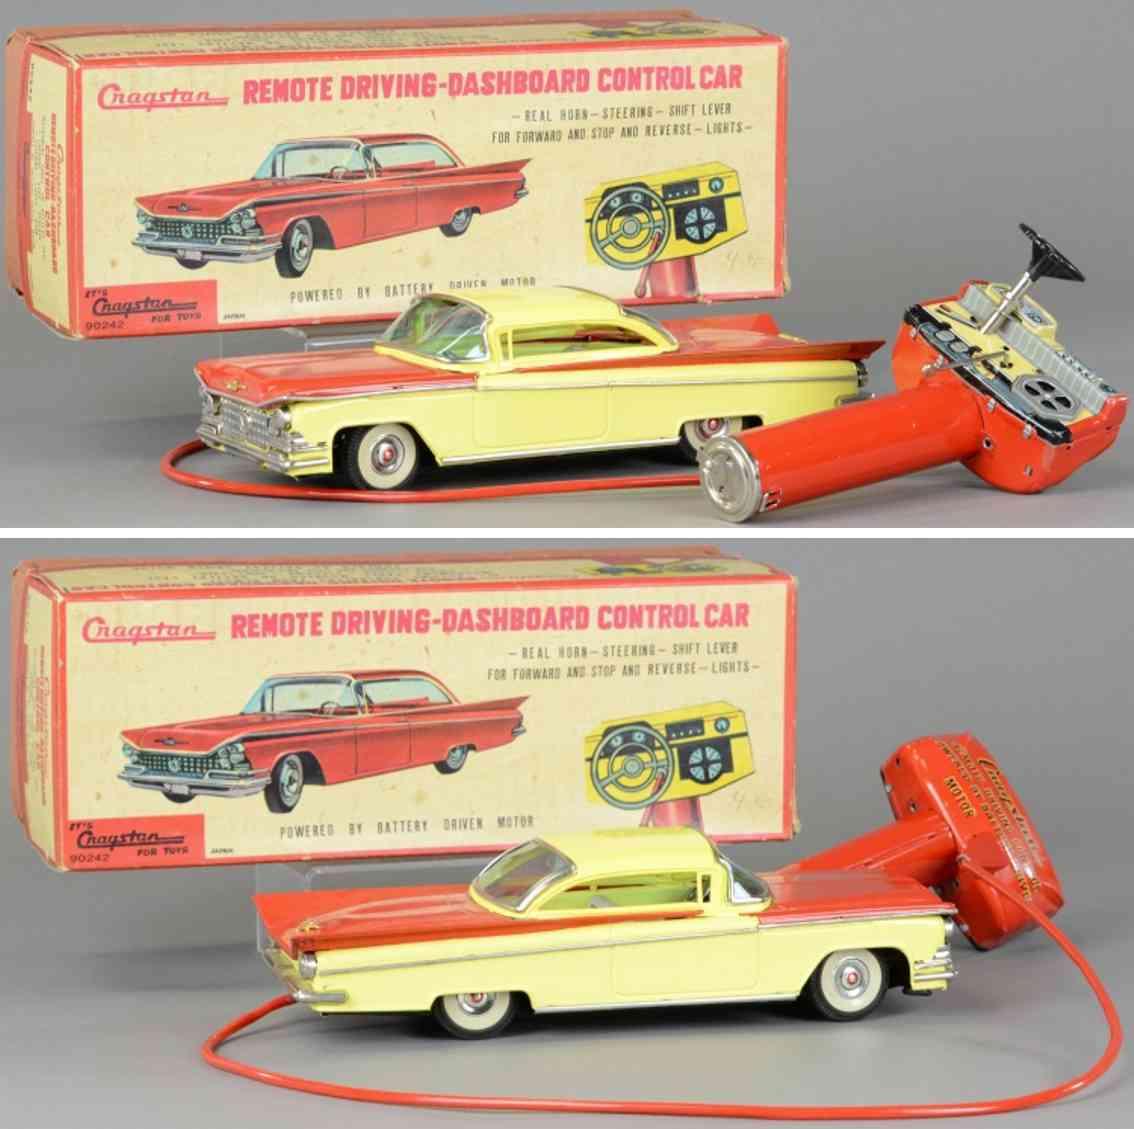 cragstan 90242 blech spielzeug auto mit fernbedienung rot gelb